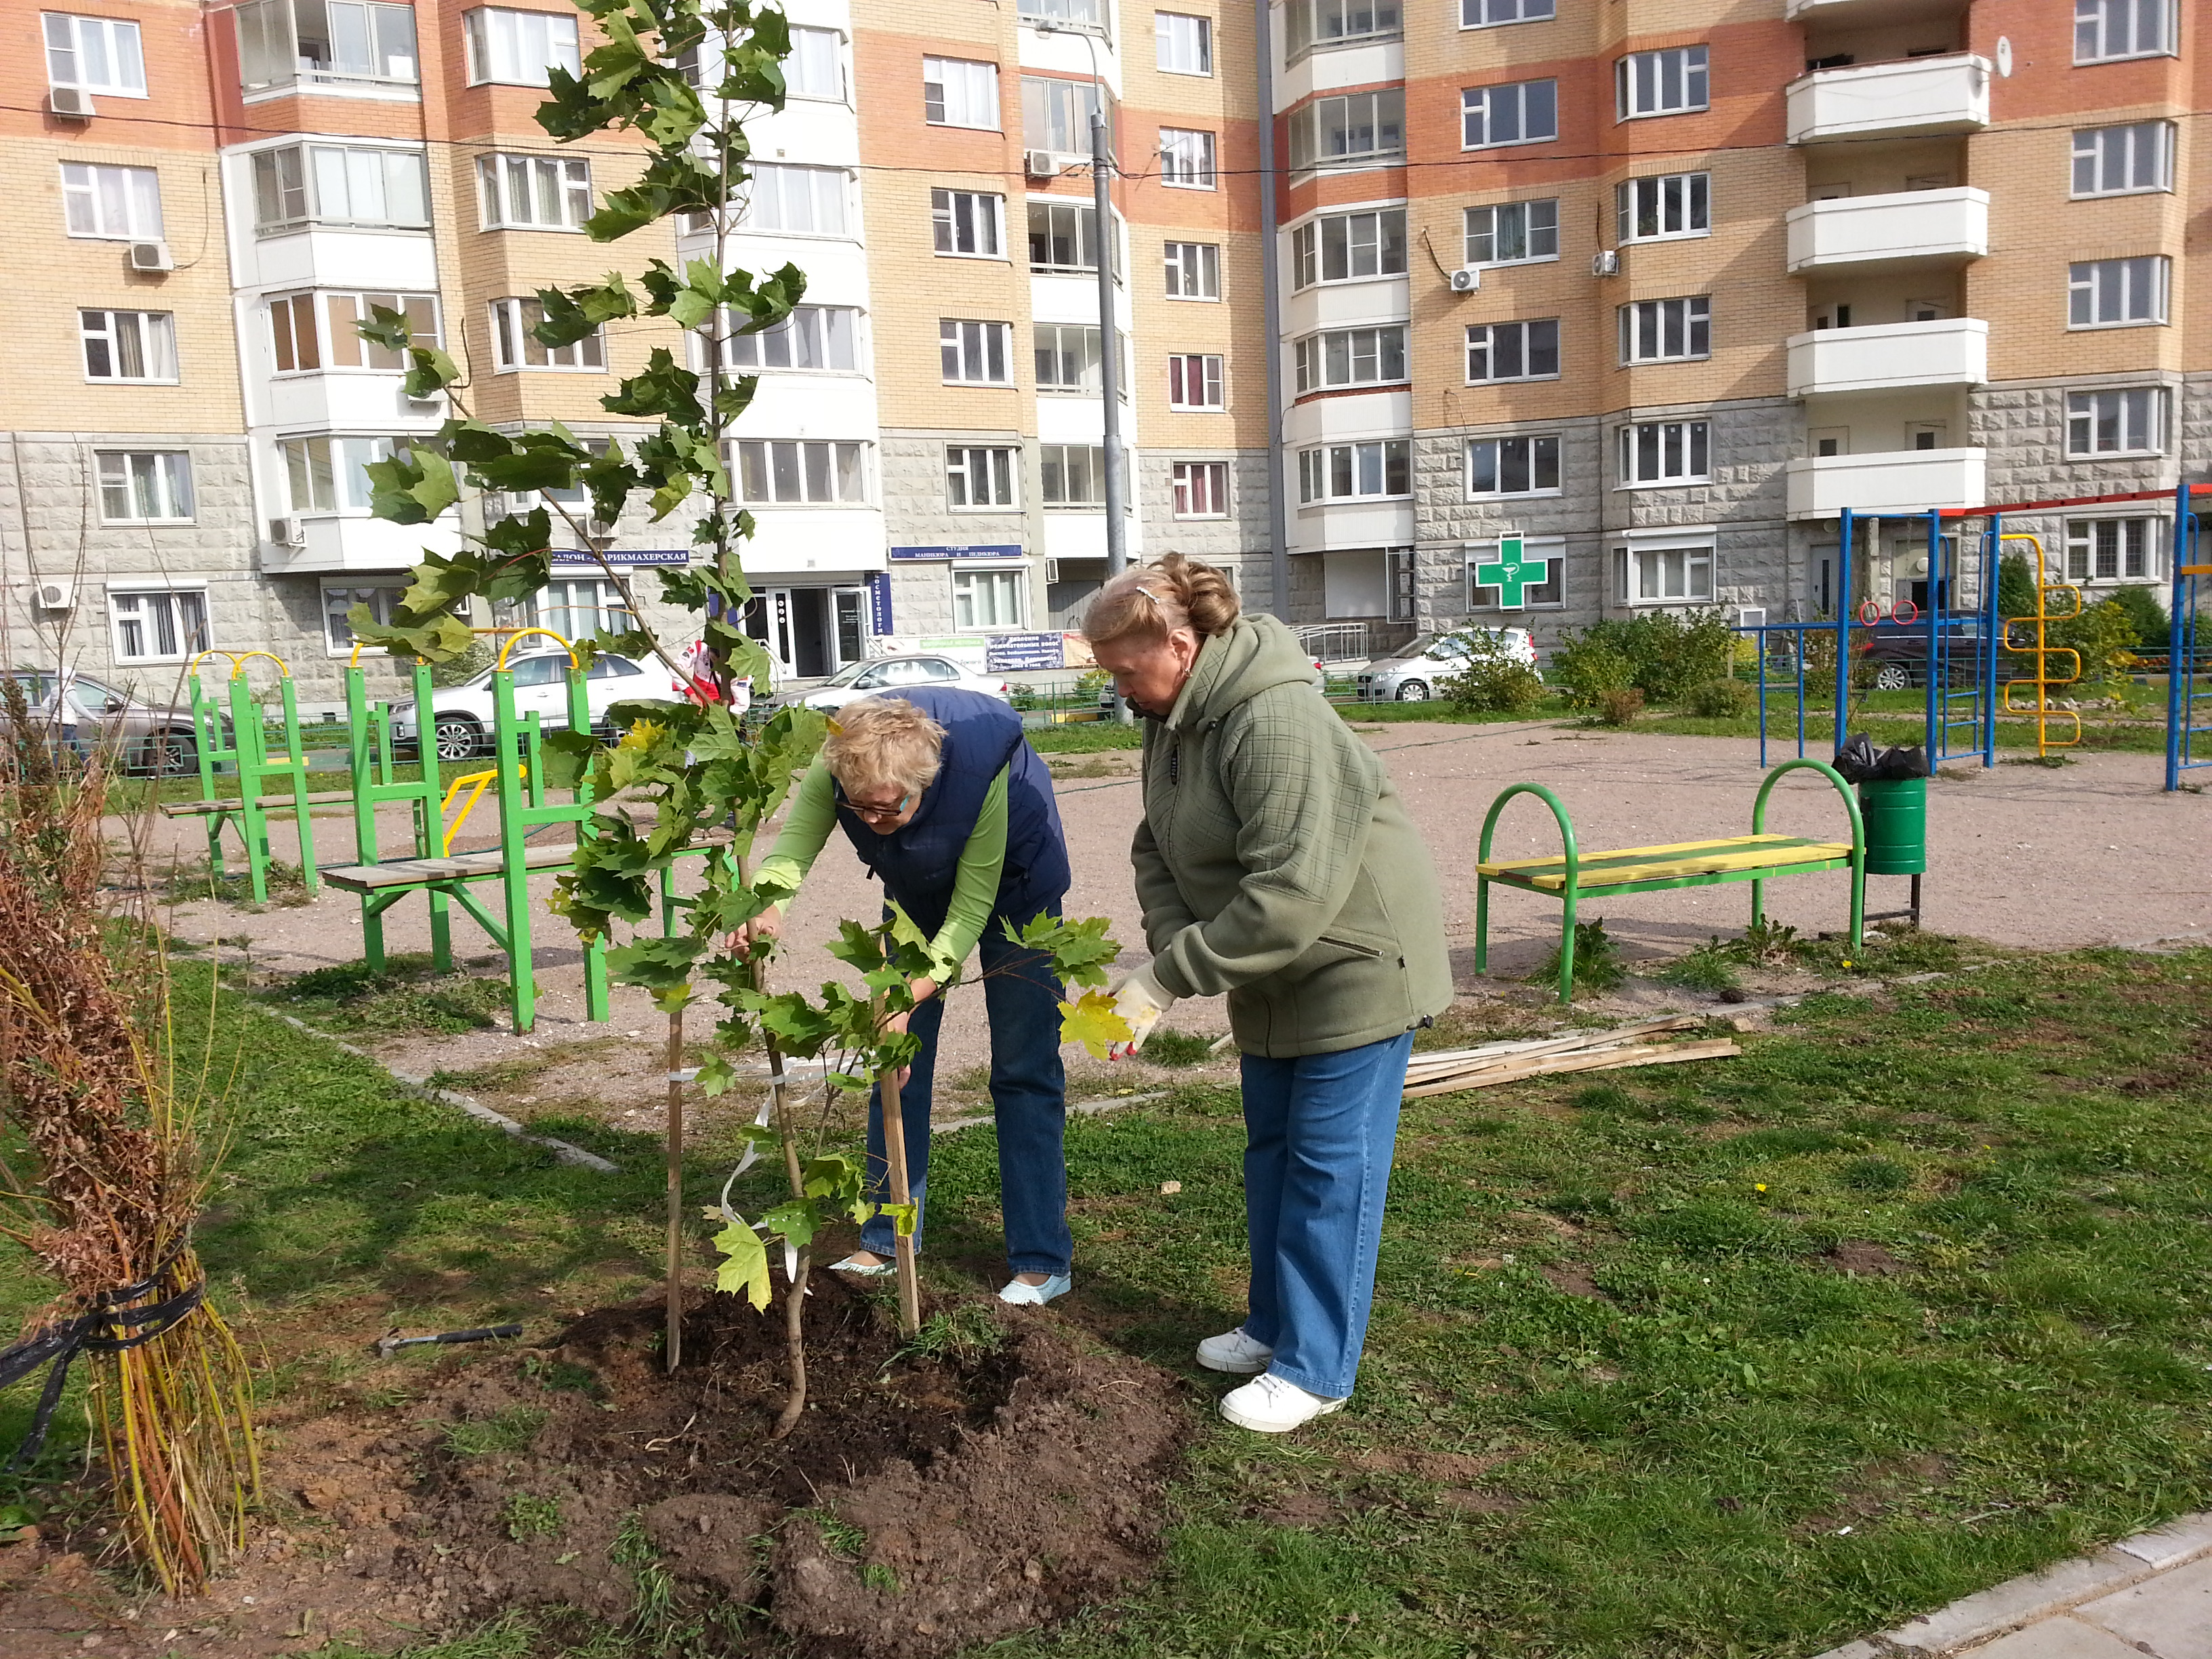 сажаем деревья Озеленение двора в граде 27 сентября 2014 г